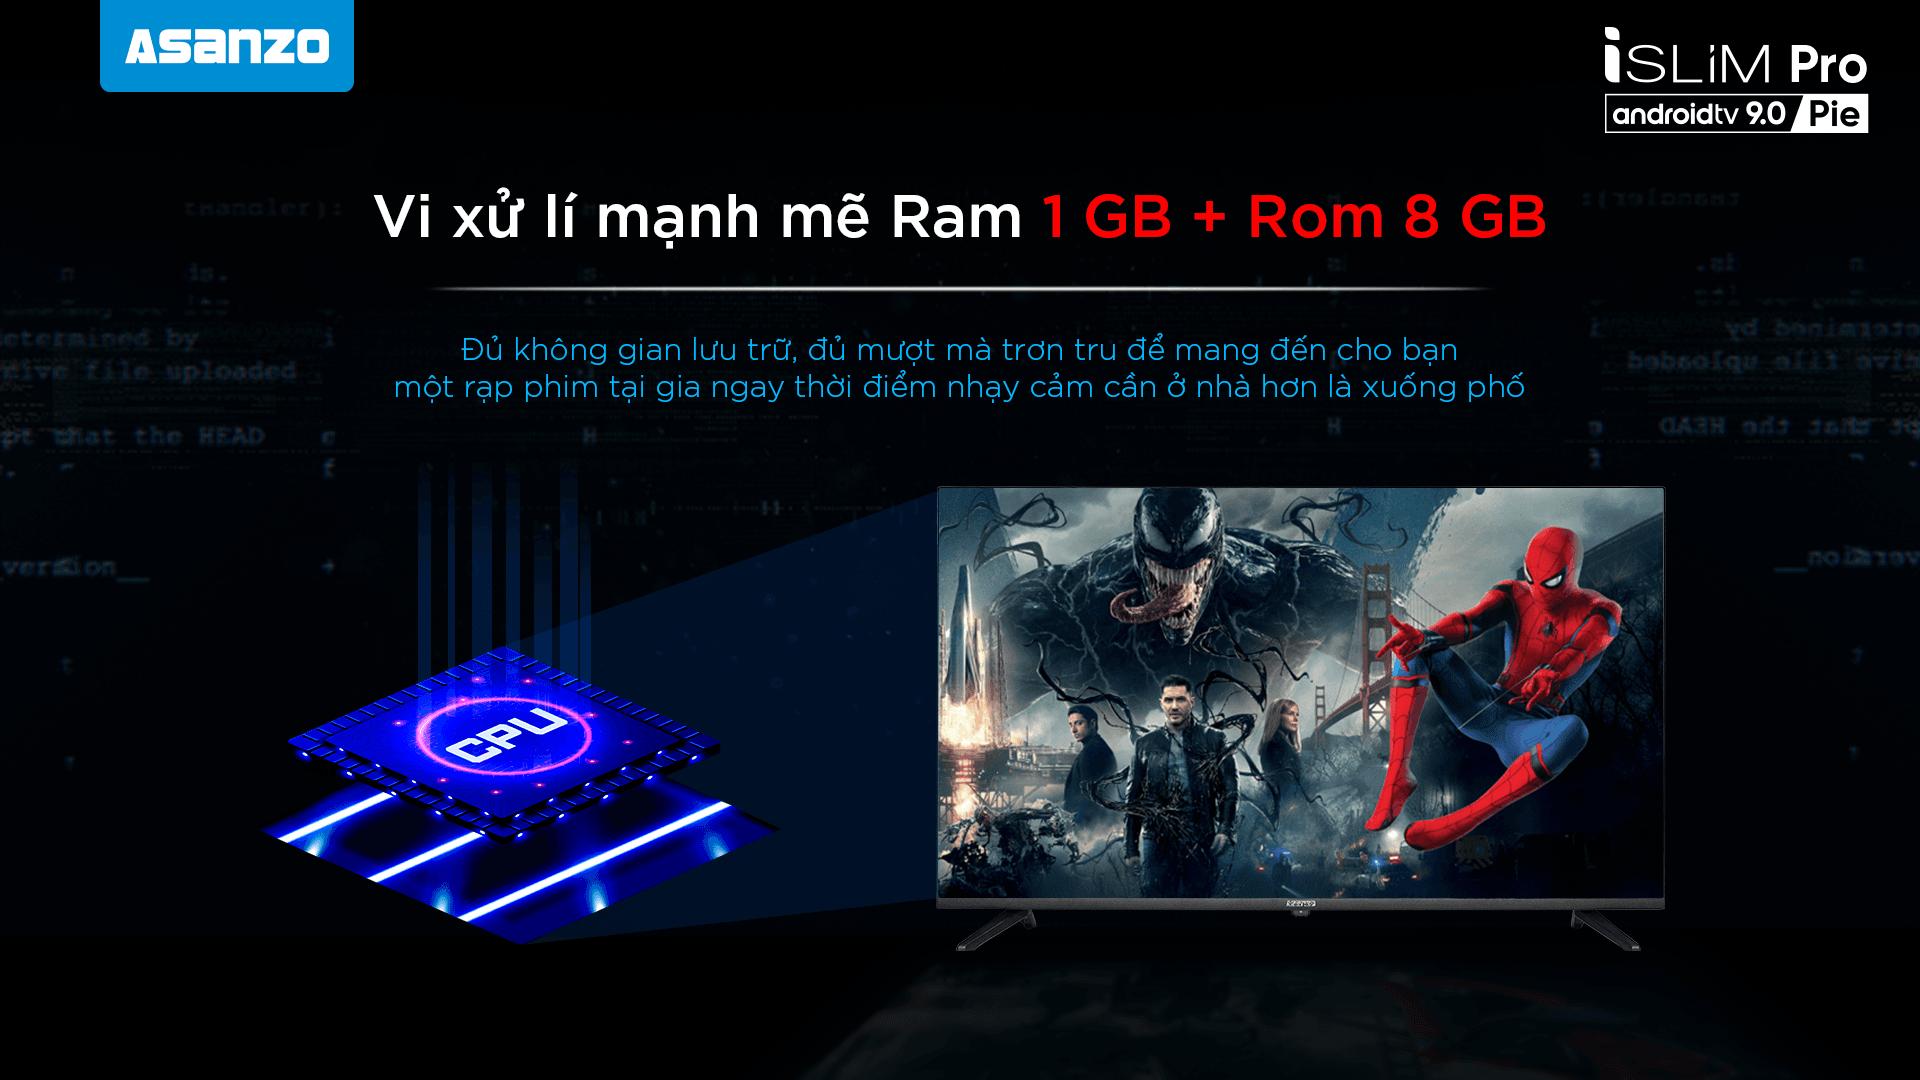 xử lý mạnh mẽ Ram 1 GB + Rom 8 BG